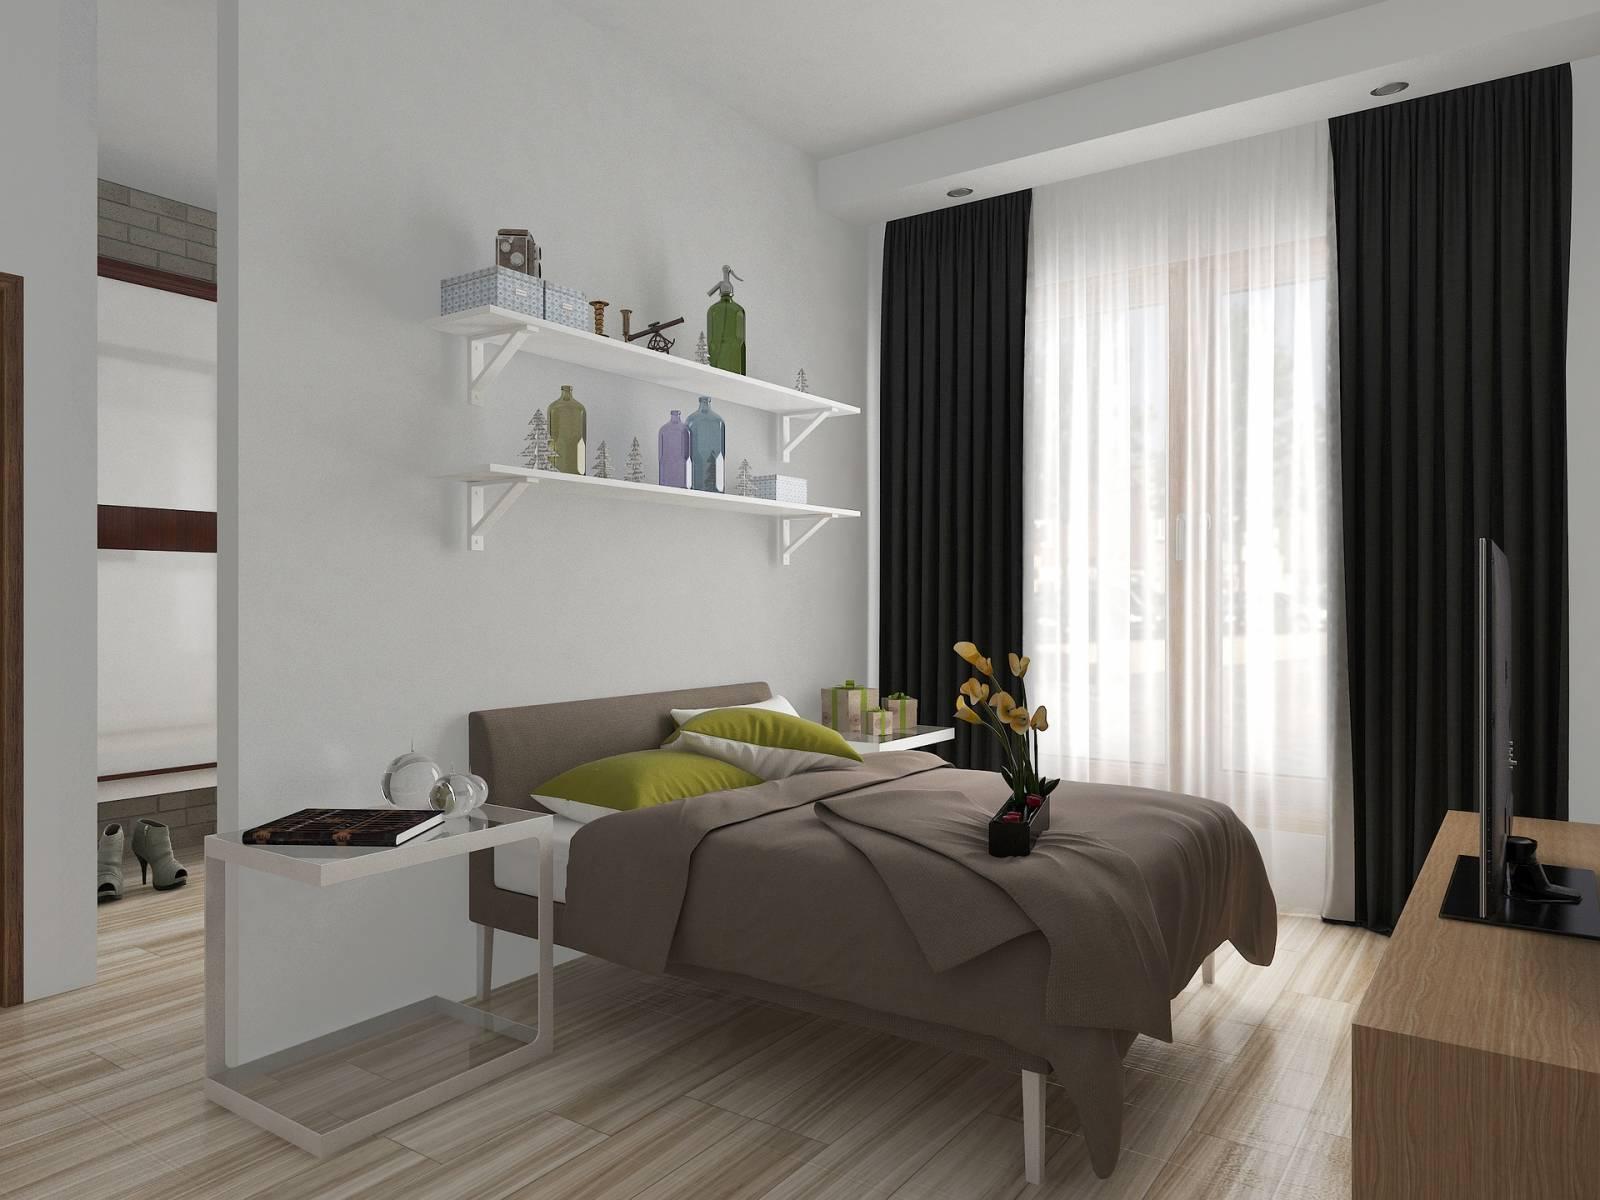 Transformer un garage en chambre ou suite parentale marseille avec un architecte d 39 int rieur - Transformer garage en cuisine ...